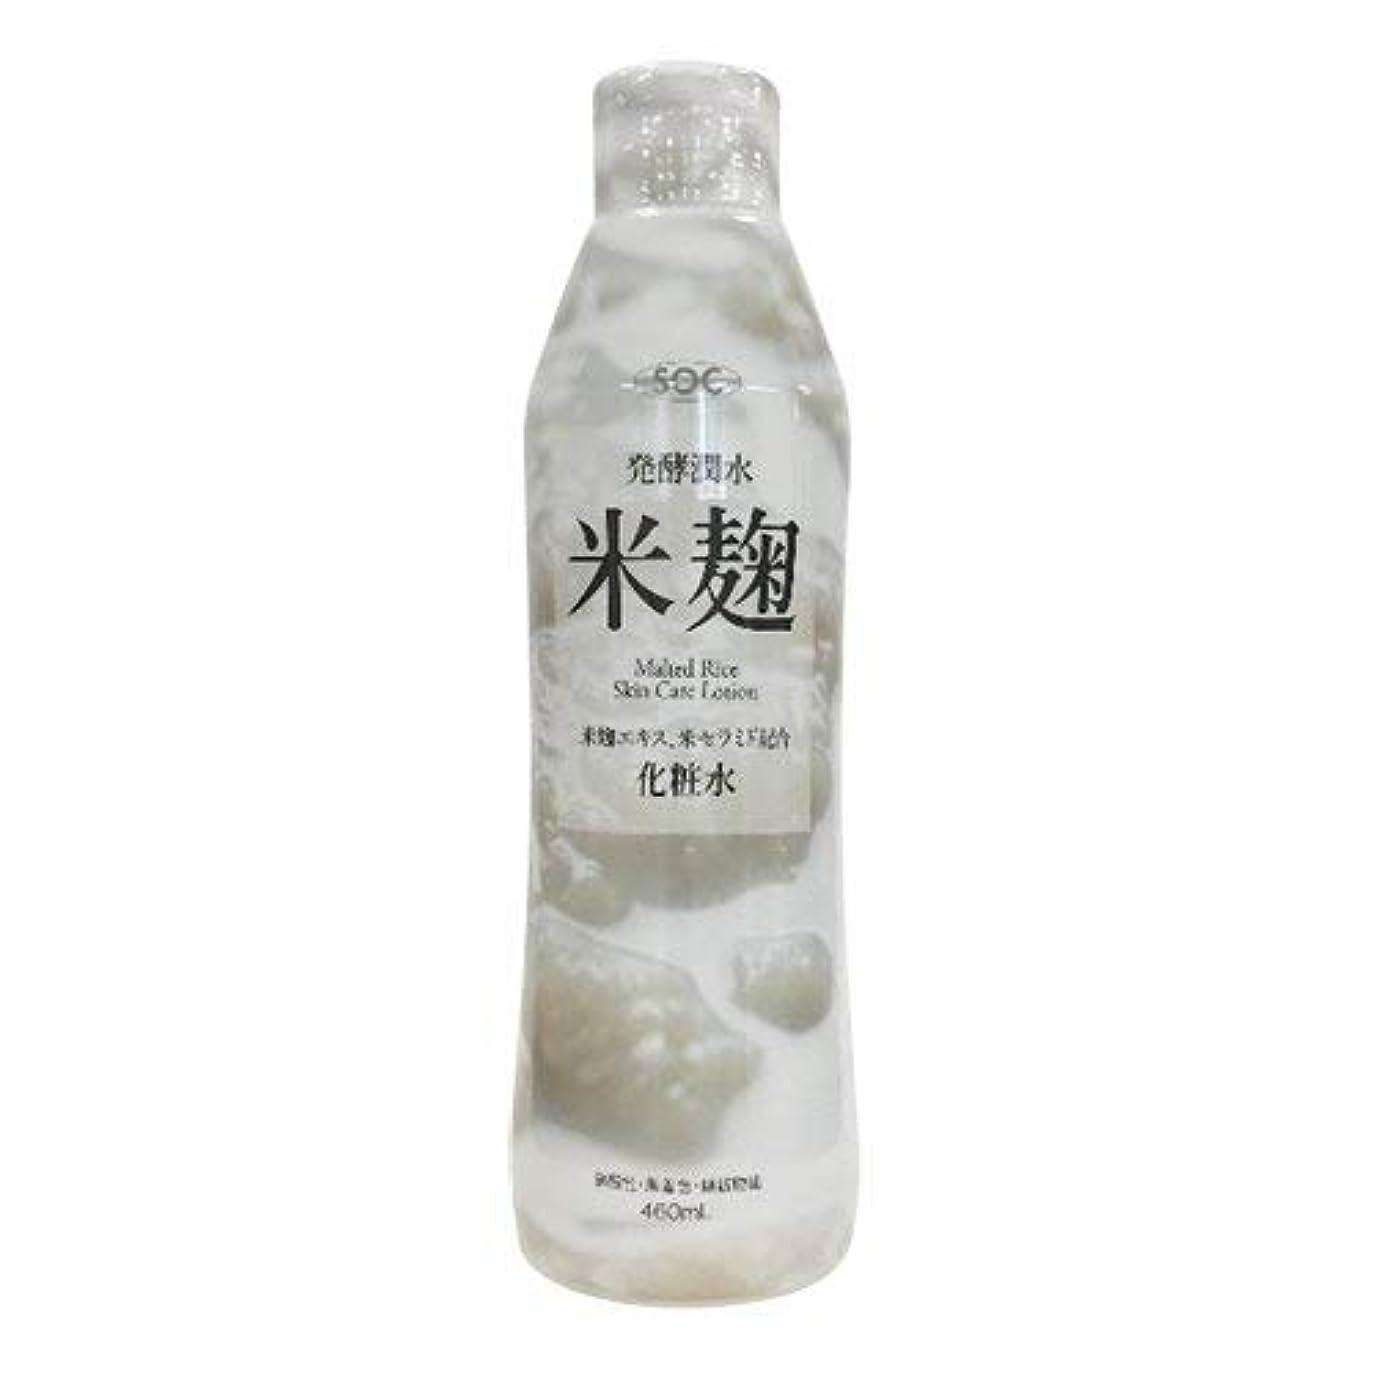 アラブサラボ生じる擬人化SOC米麹配合化粧水 × 5個セット